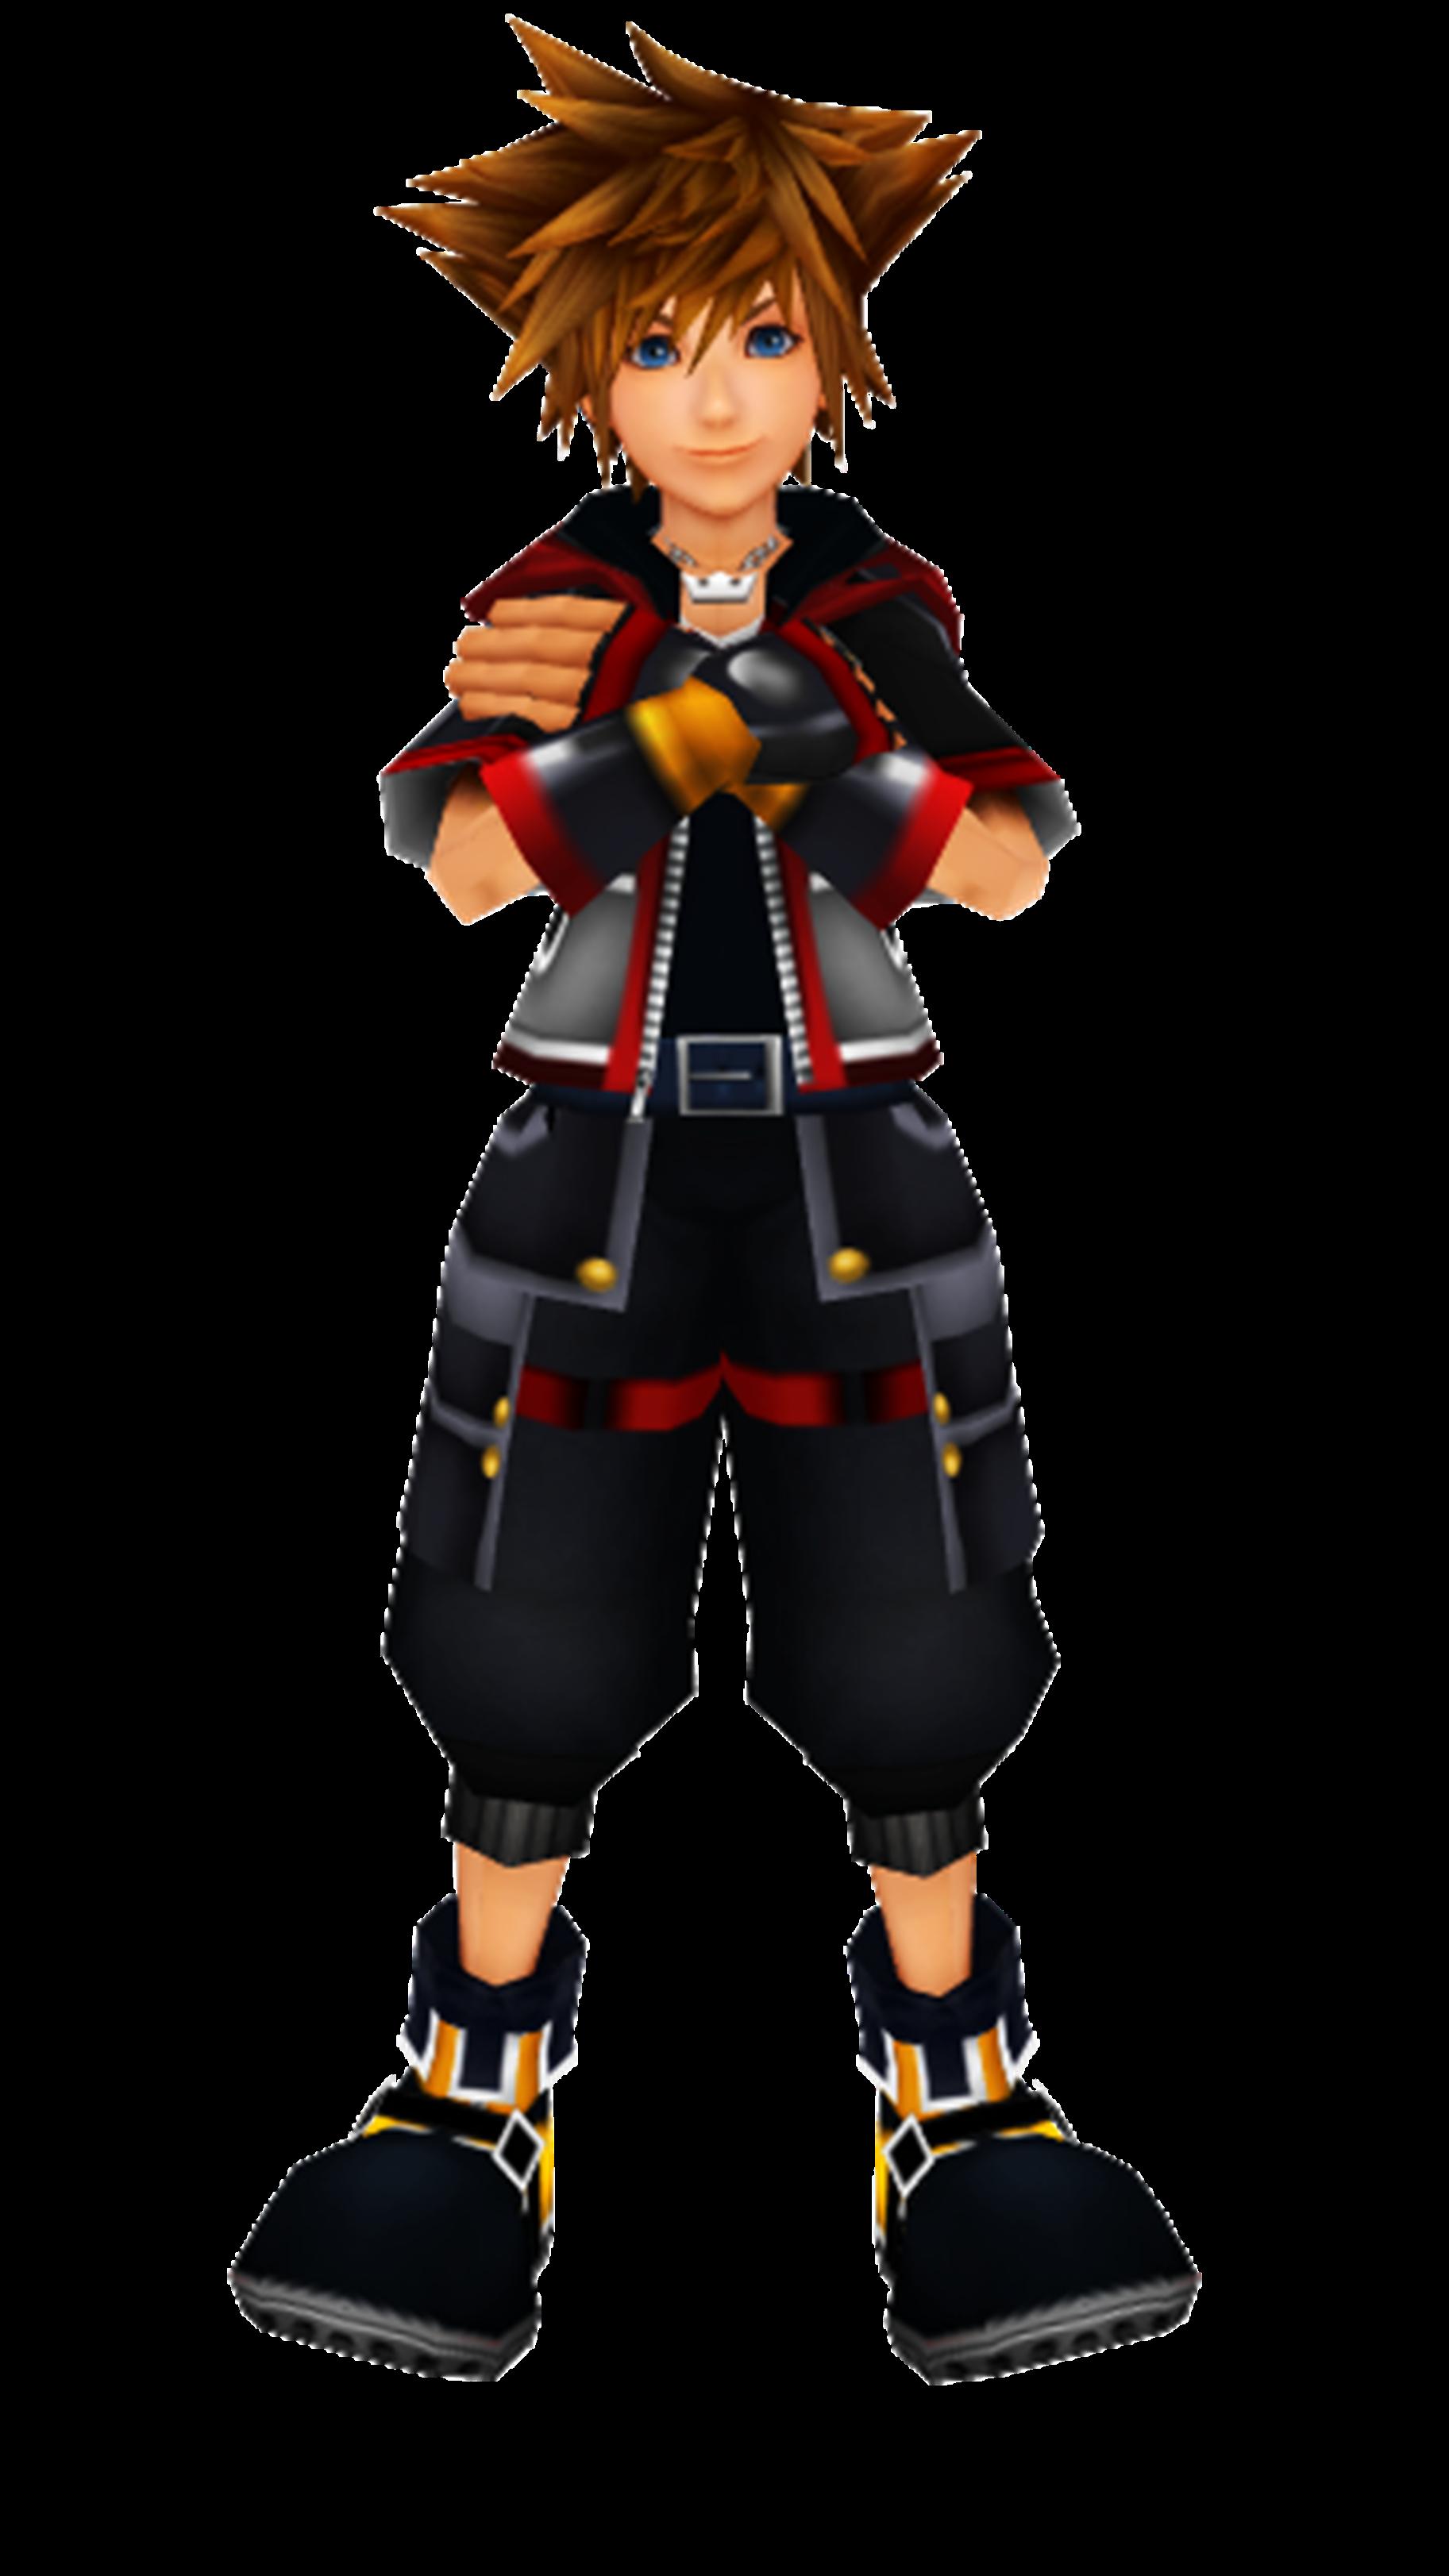 Kingdom Hearts 3 Images Sora Kingdom Hearts Iii The Main Character